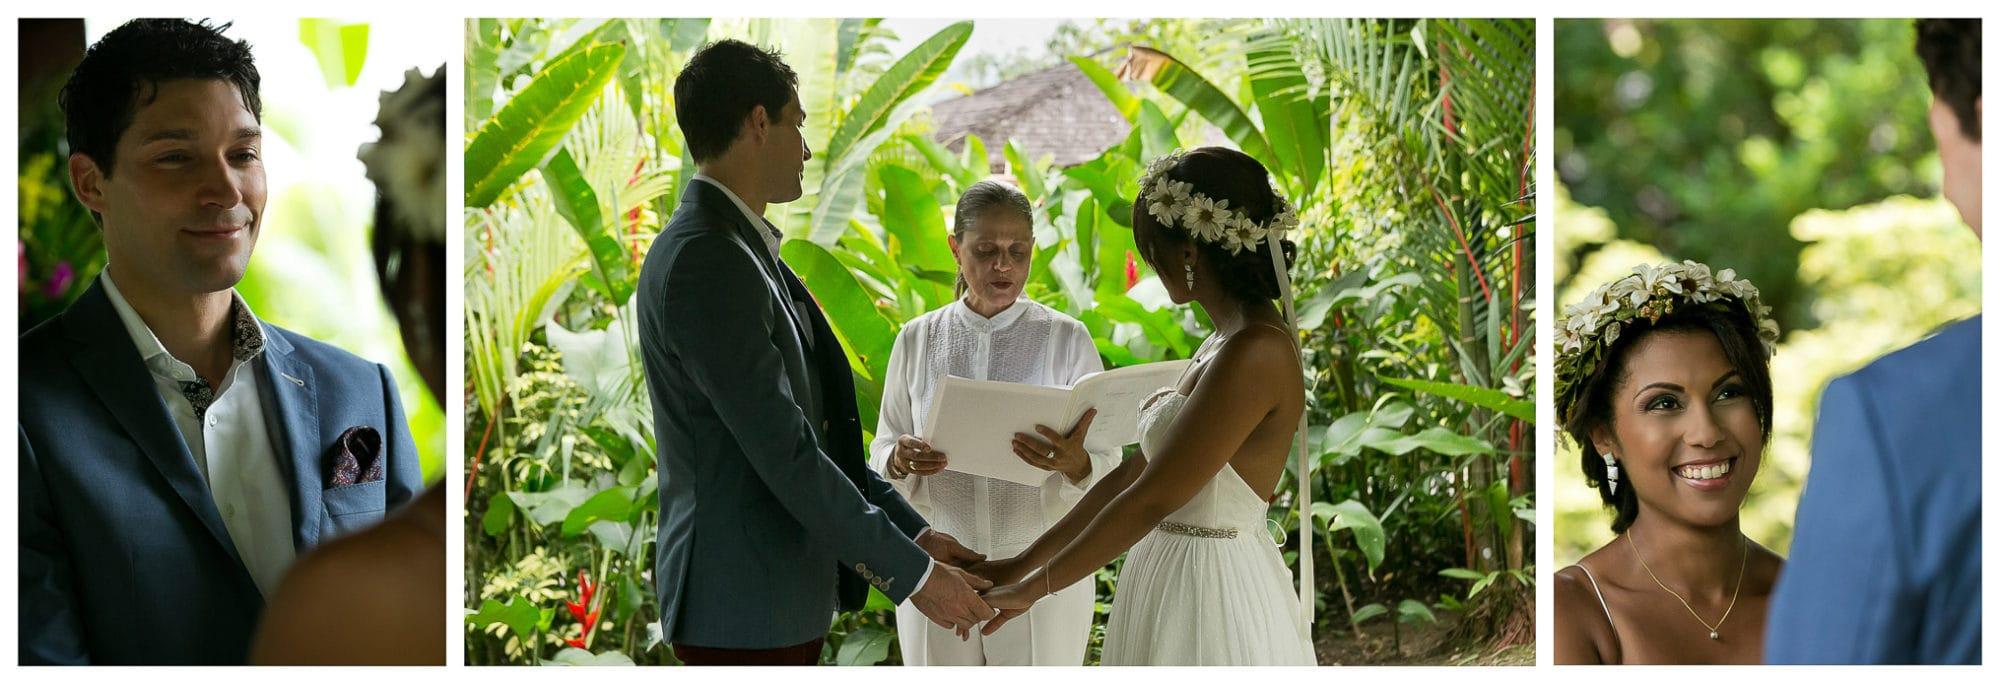 Wedding ceremony at Nayara